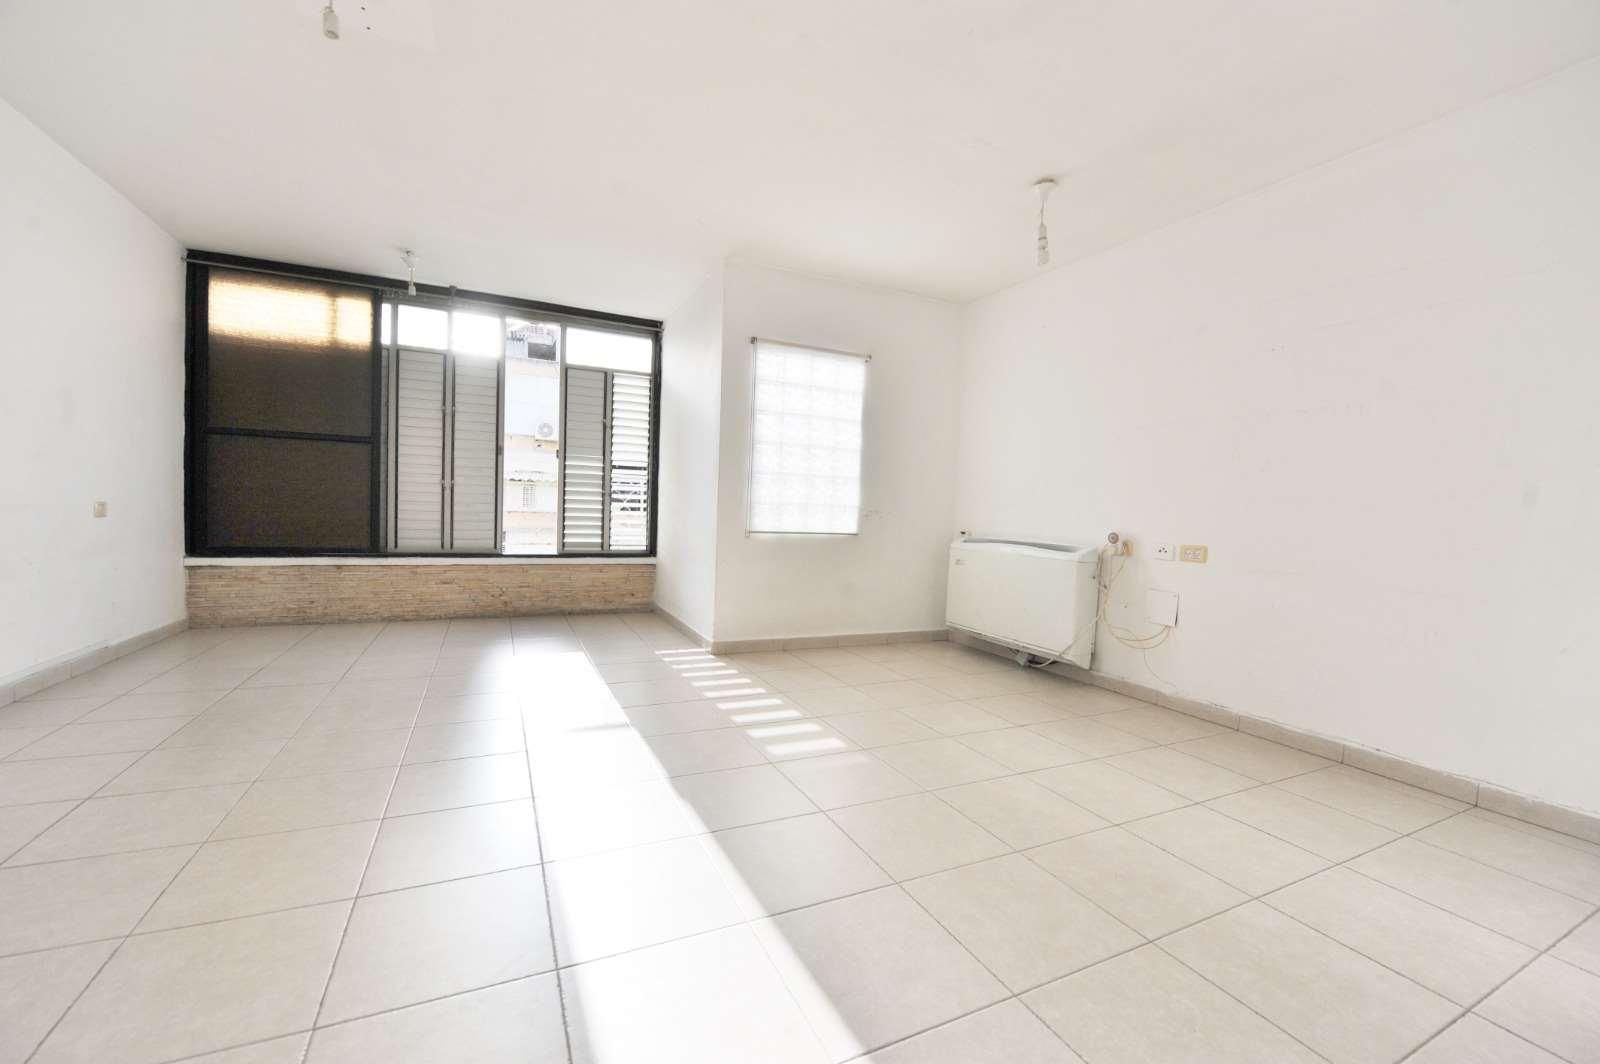 דירה להשכרה 3 חדרים באור יהודה הפלמ''ח שיכון ממשלתי